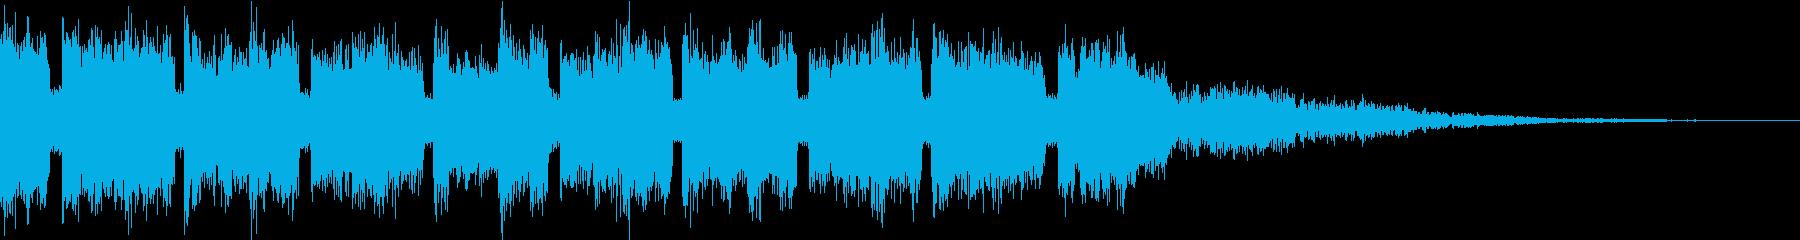 クラシック♪四季『春』のEDMジングルの再生済みの波形